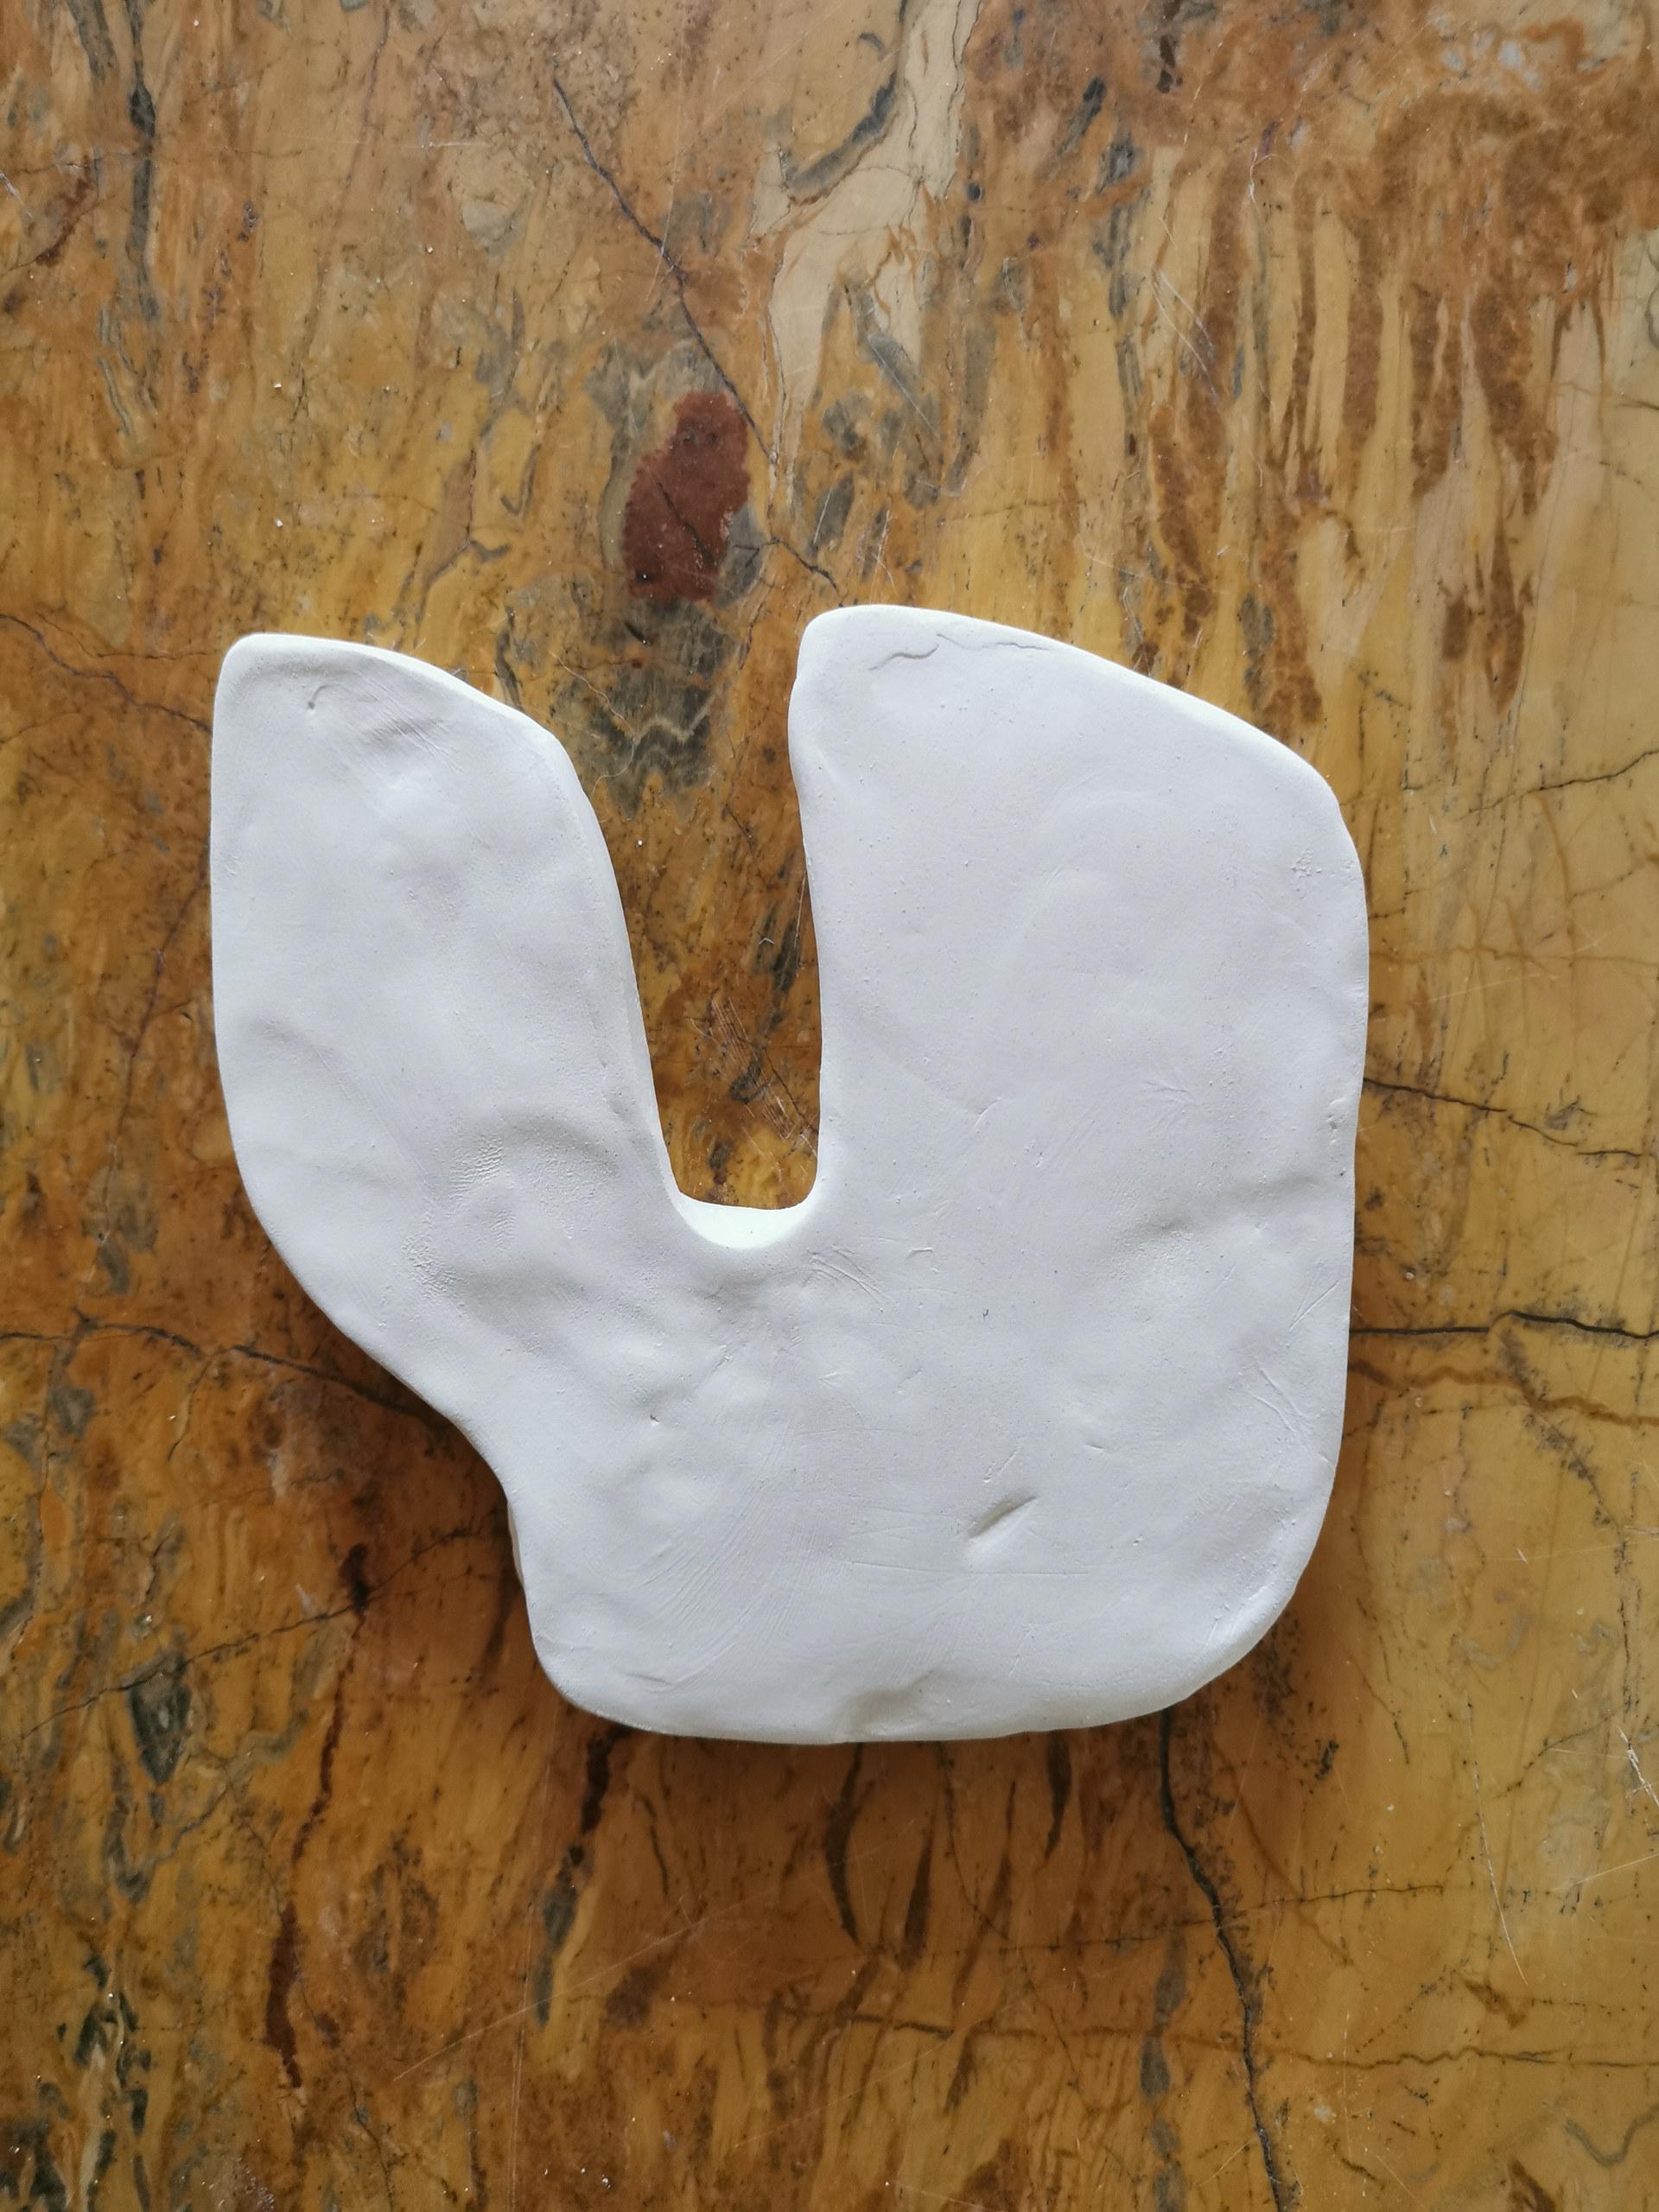 Forme fertile #1, 2020, faience blanche, 13x13 cm